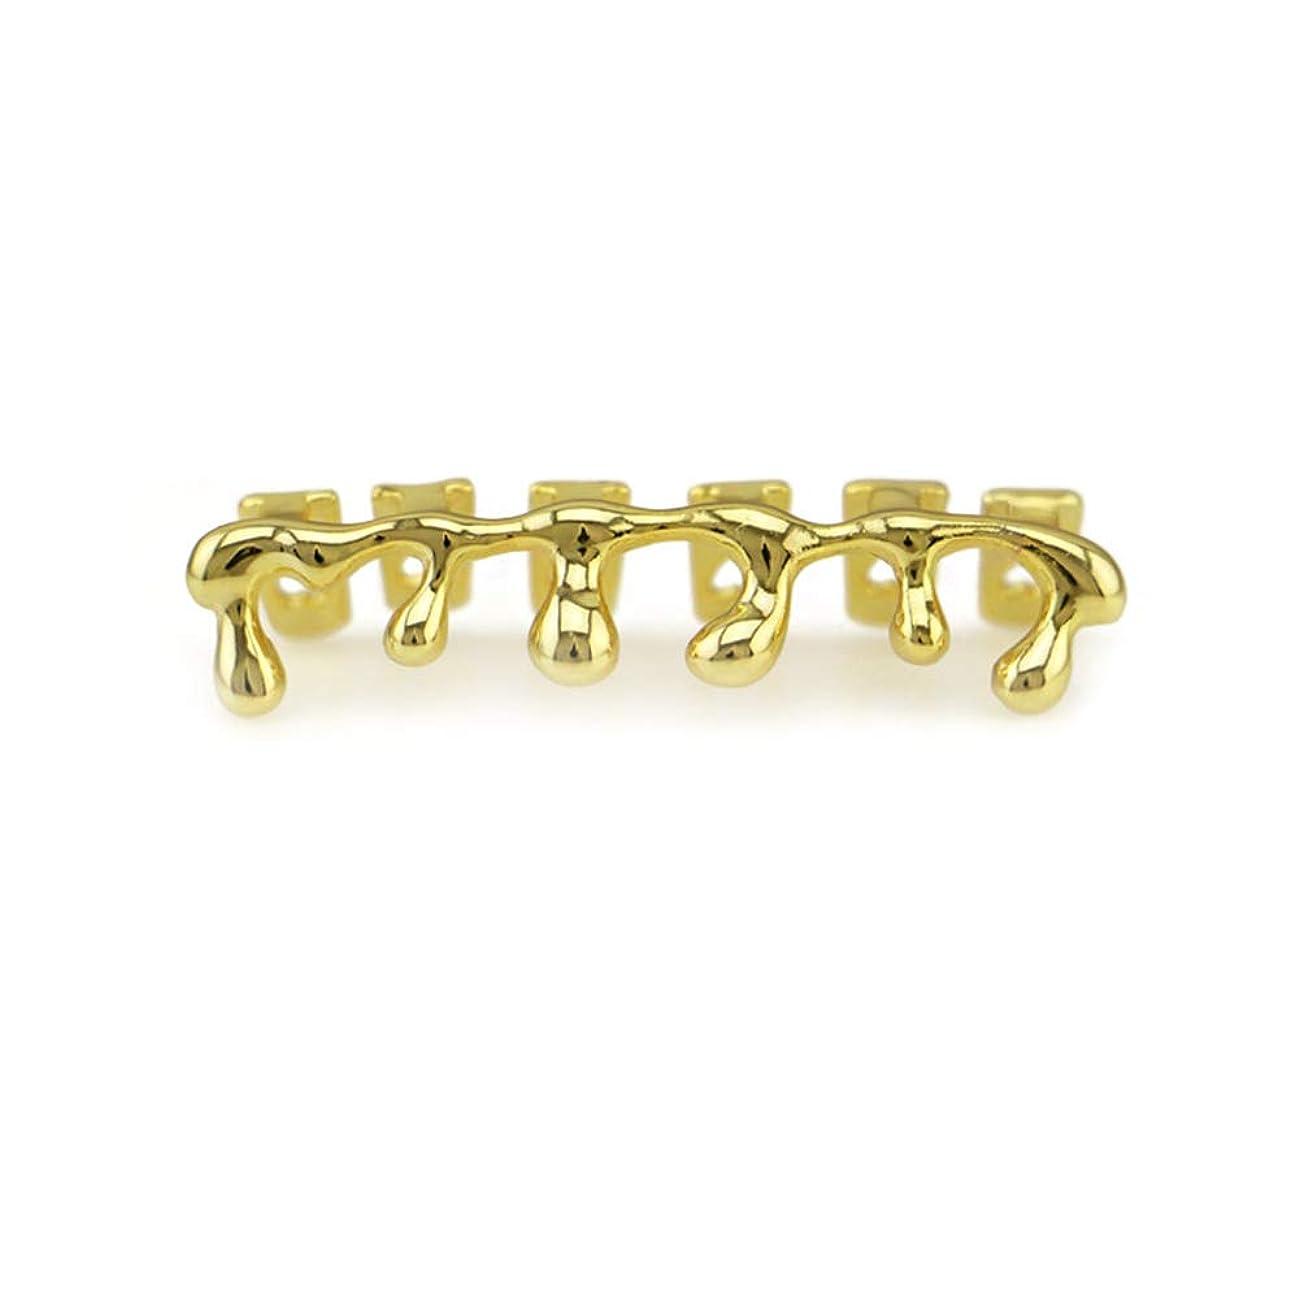 ほんのマウスカートンマウストップデンタルグリル用 14 kローズゴールドメッキヒップホップの歯ドリップグリルキャップ下部ボトムグリル ゴールドメッキヒップホップポーカー歯キャップ (色 : ゴールド)